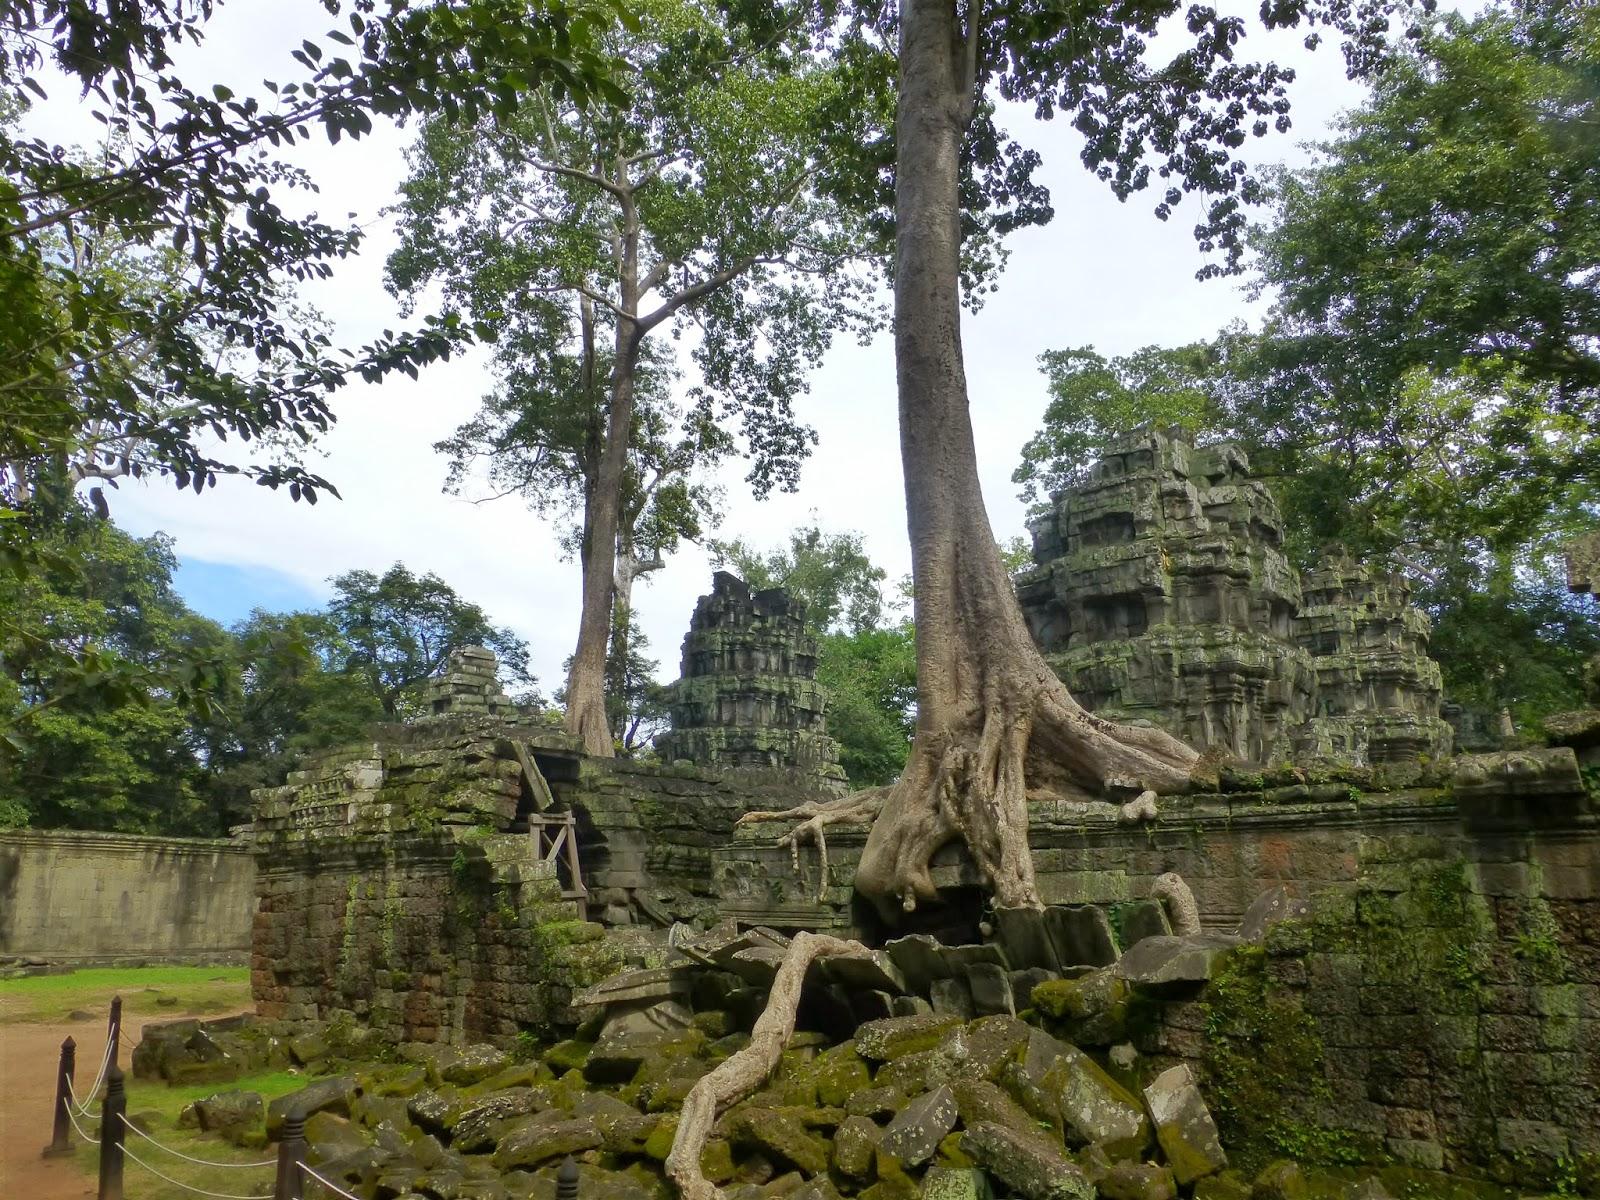 Ta Prohm Angkor Wat - Cambodia By Jacomijn